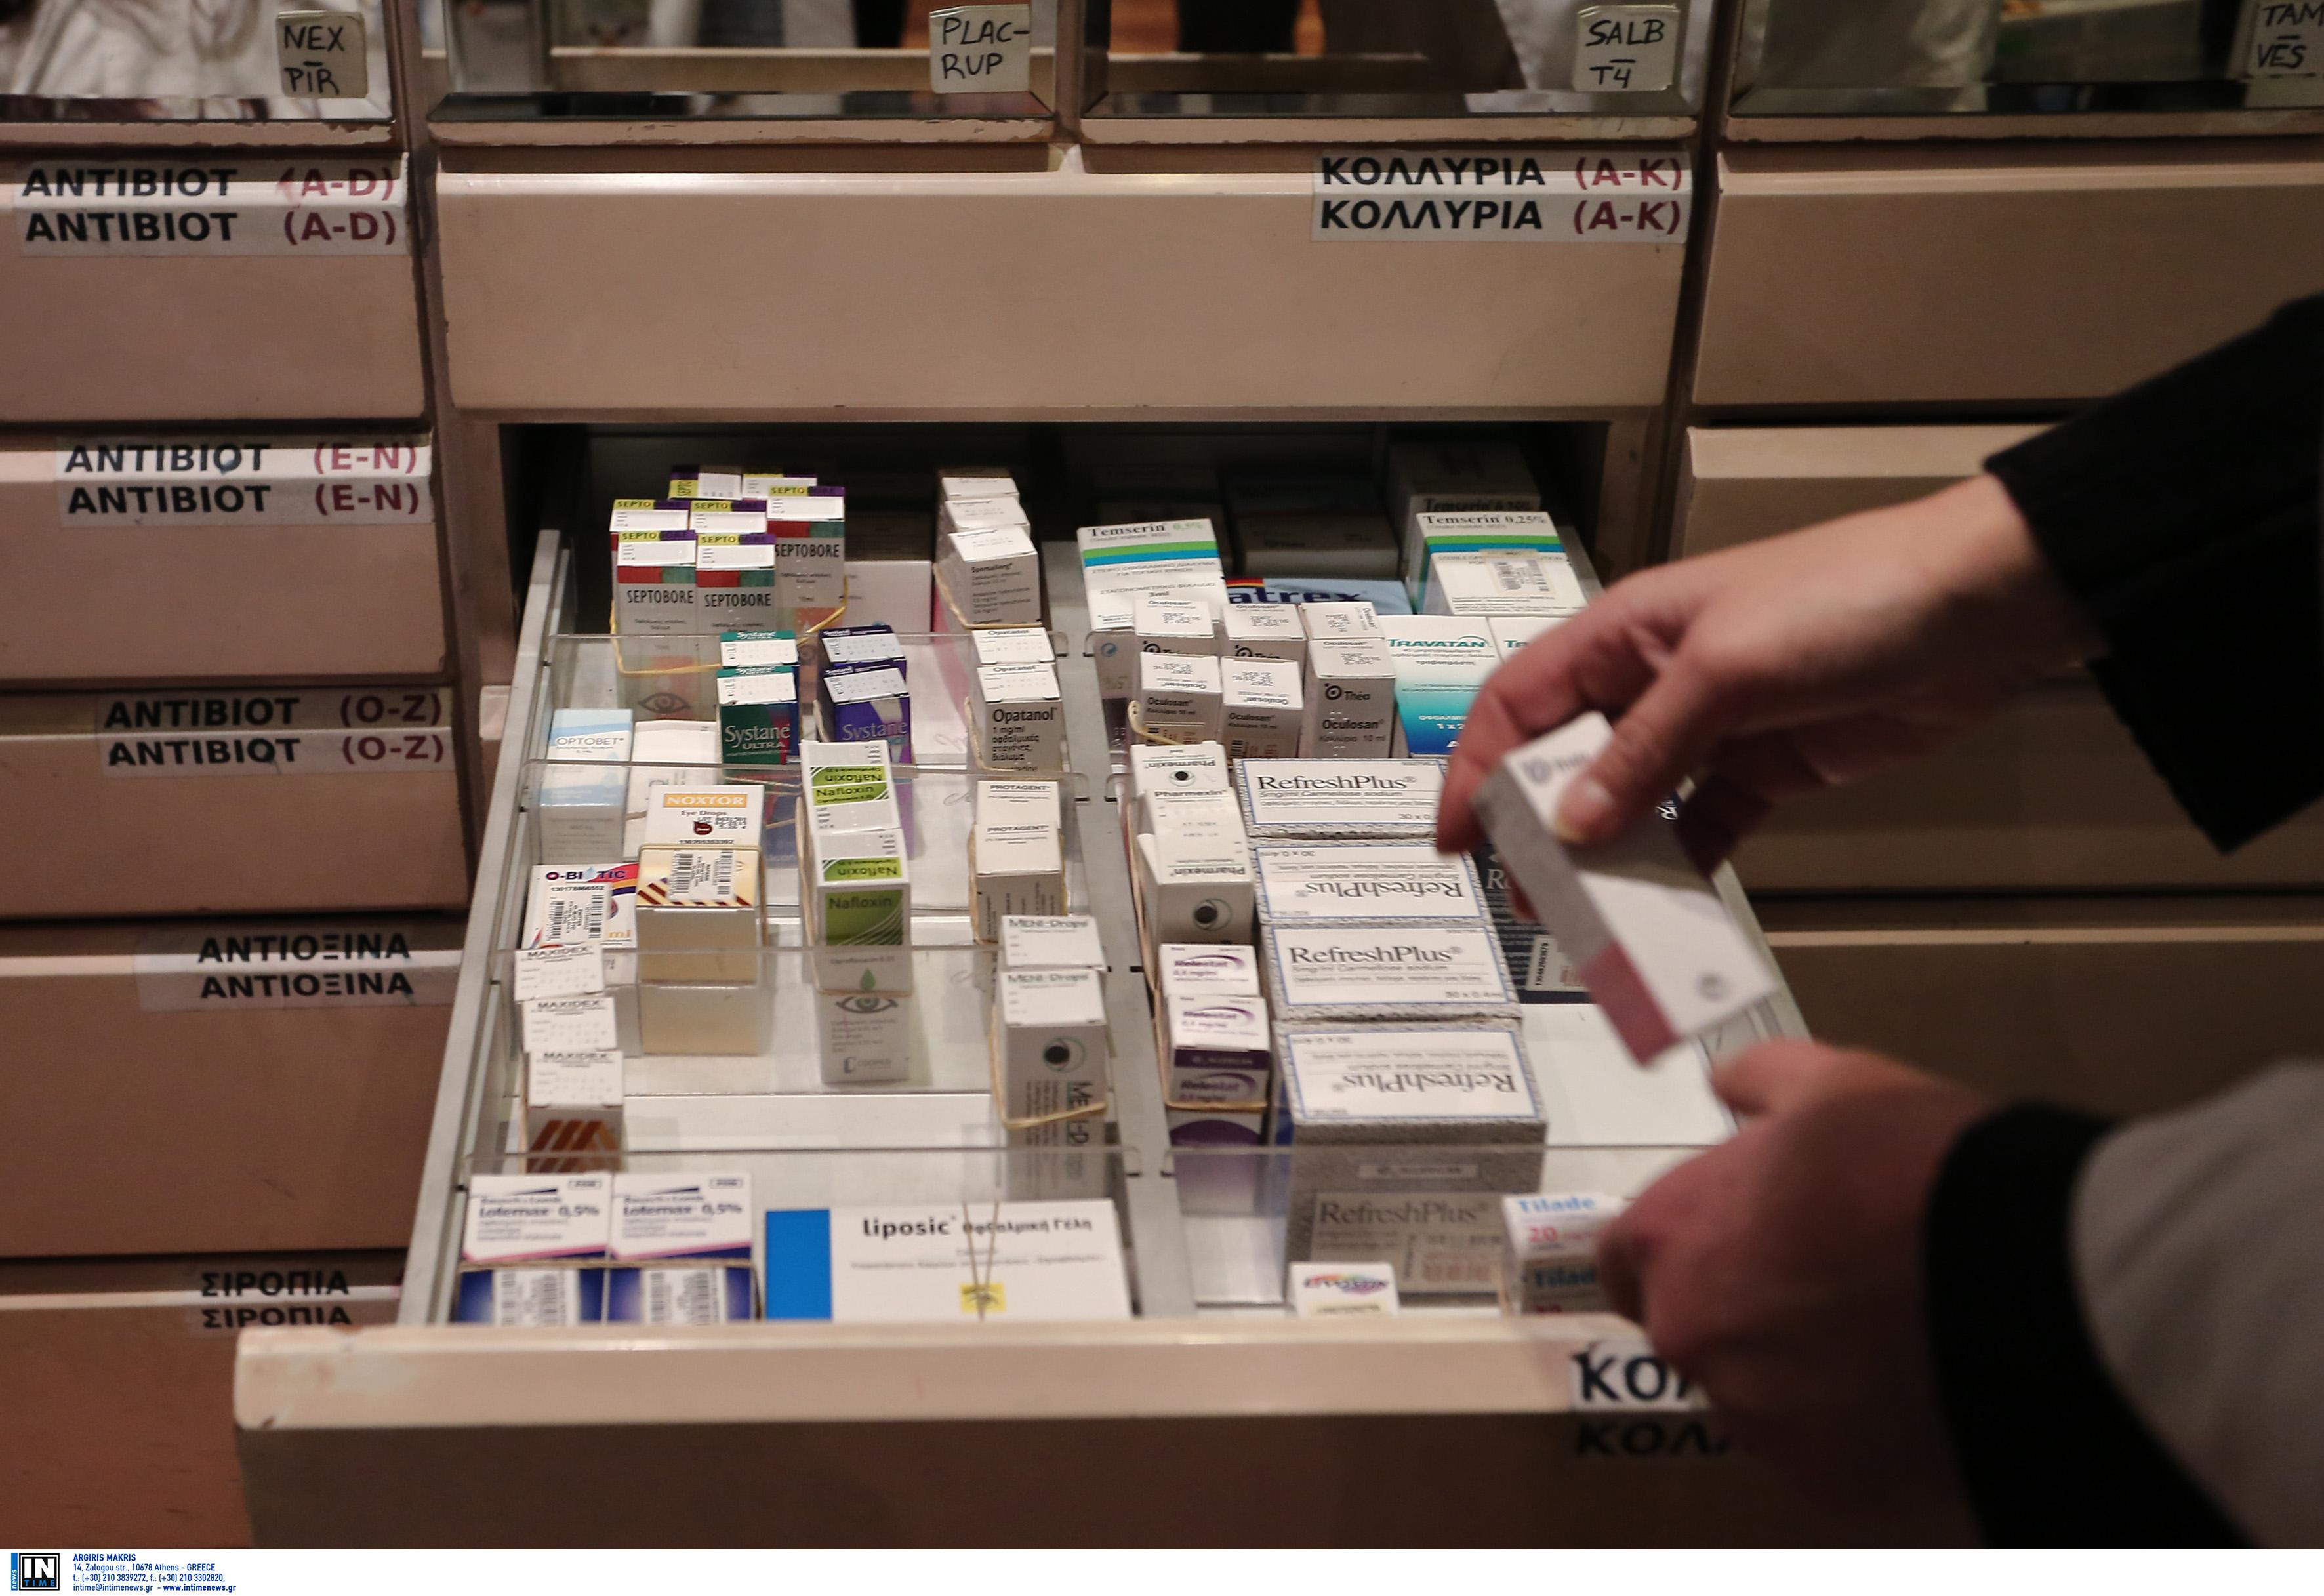 Θεσσαλονίκη: Η υπάλληλος του φαρμακείου είχε βρει την κρυψώνα του αφεντικού και τον «μαδούσε» κανονικά